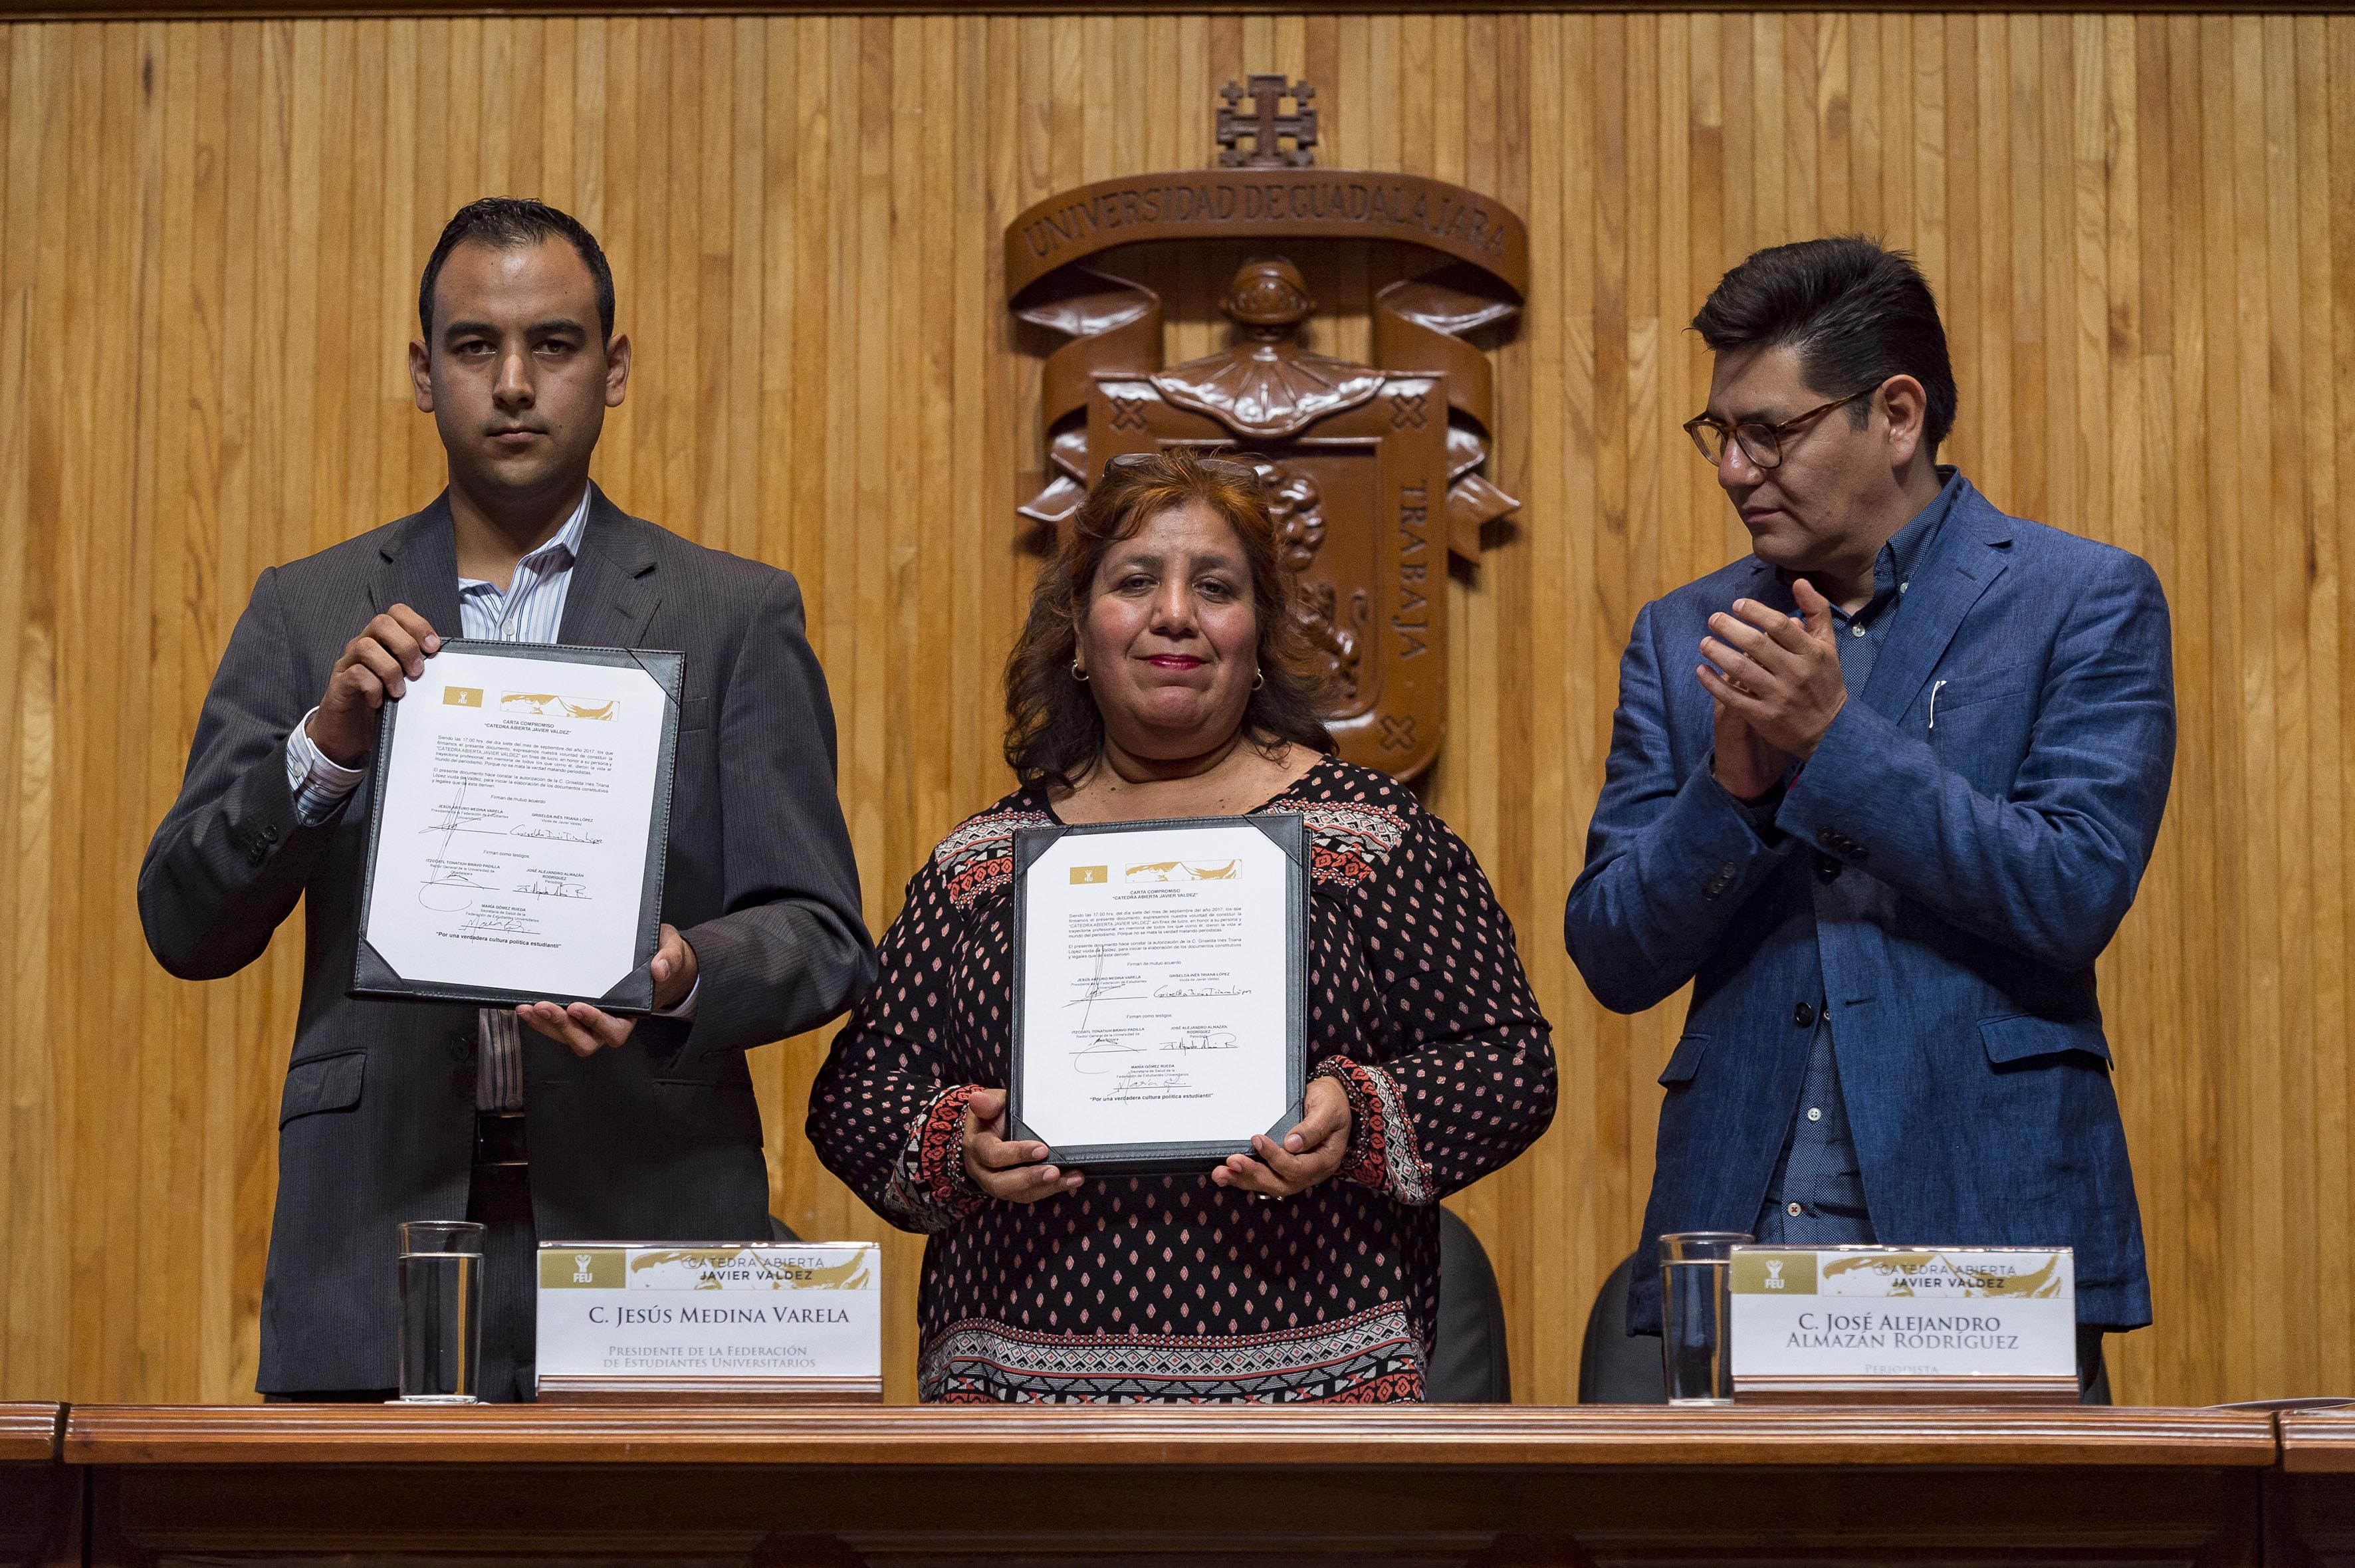 Griselda Inés Triana López, esposa de Valdez y el Presidente de la FEU Jesús Medina Varela mostrando la carta firmada